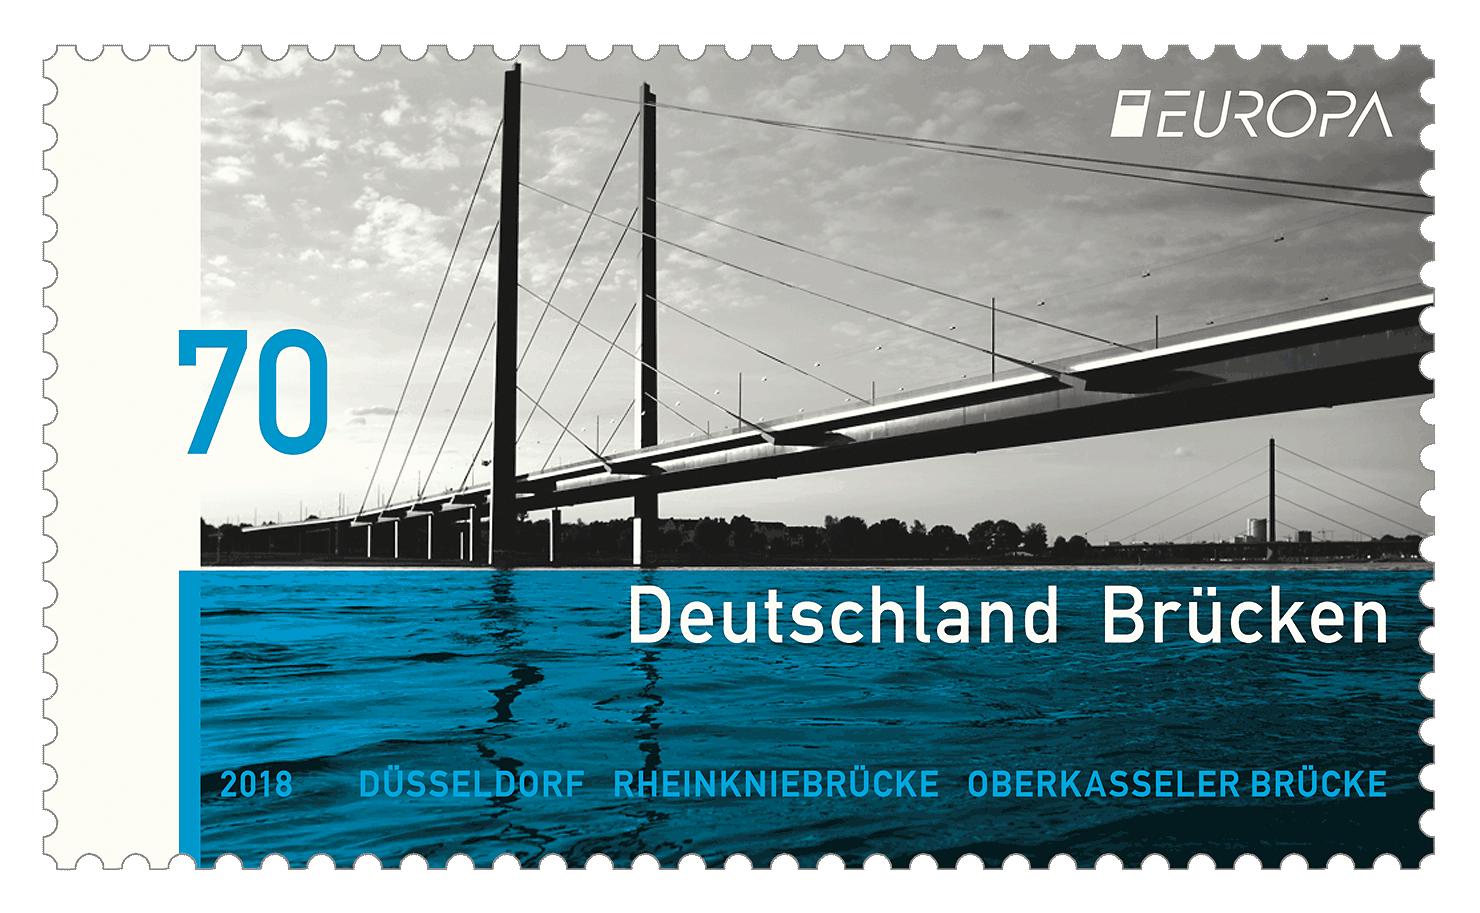 Briefmarkenserie Europa: Brücken